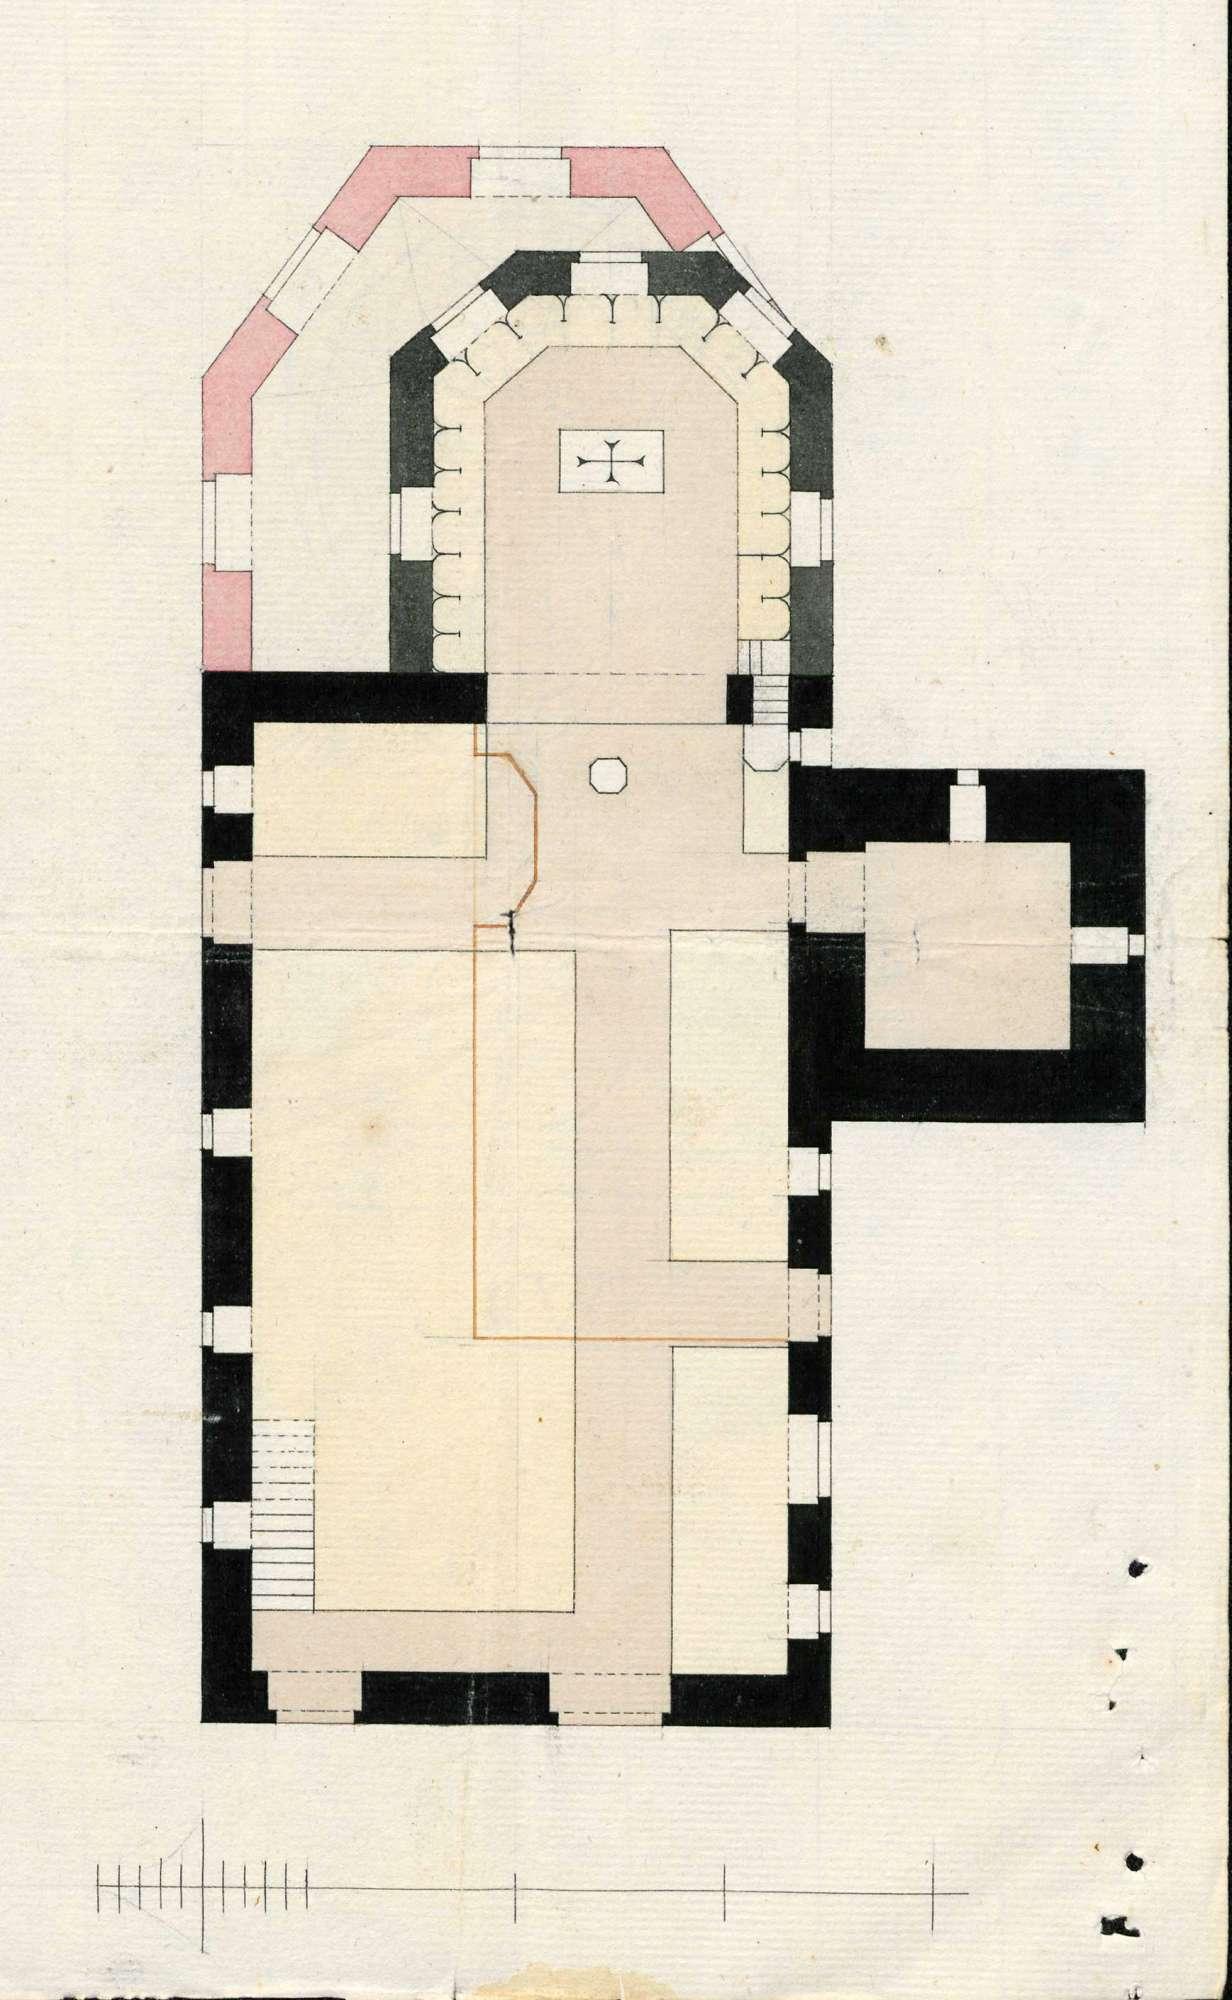 Erbauung und Unterhaltung der Pfarrkirche zu Eimeldingen, Bild 1